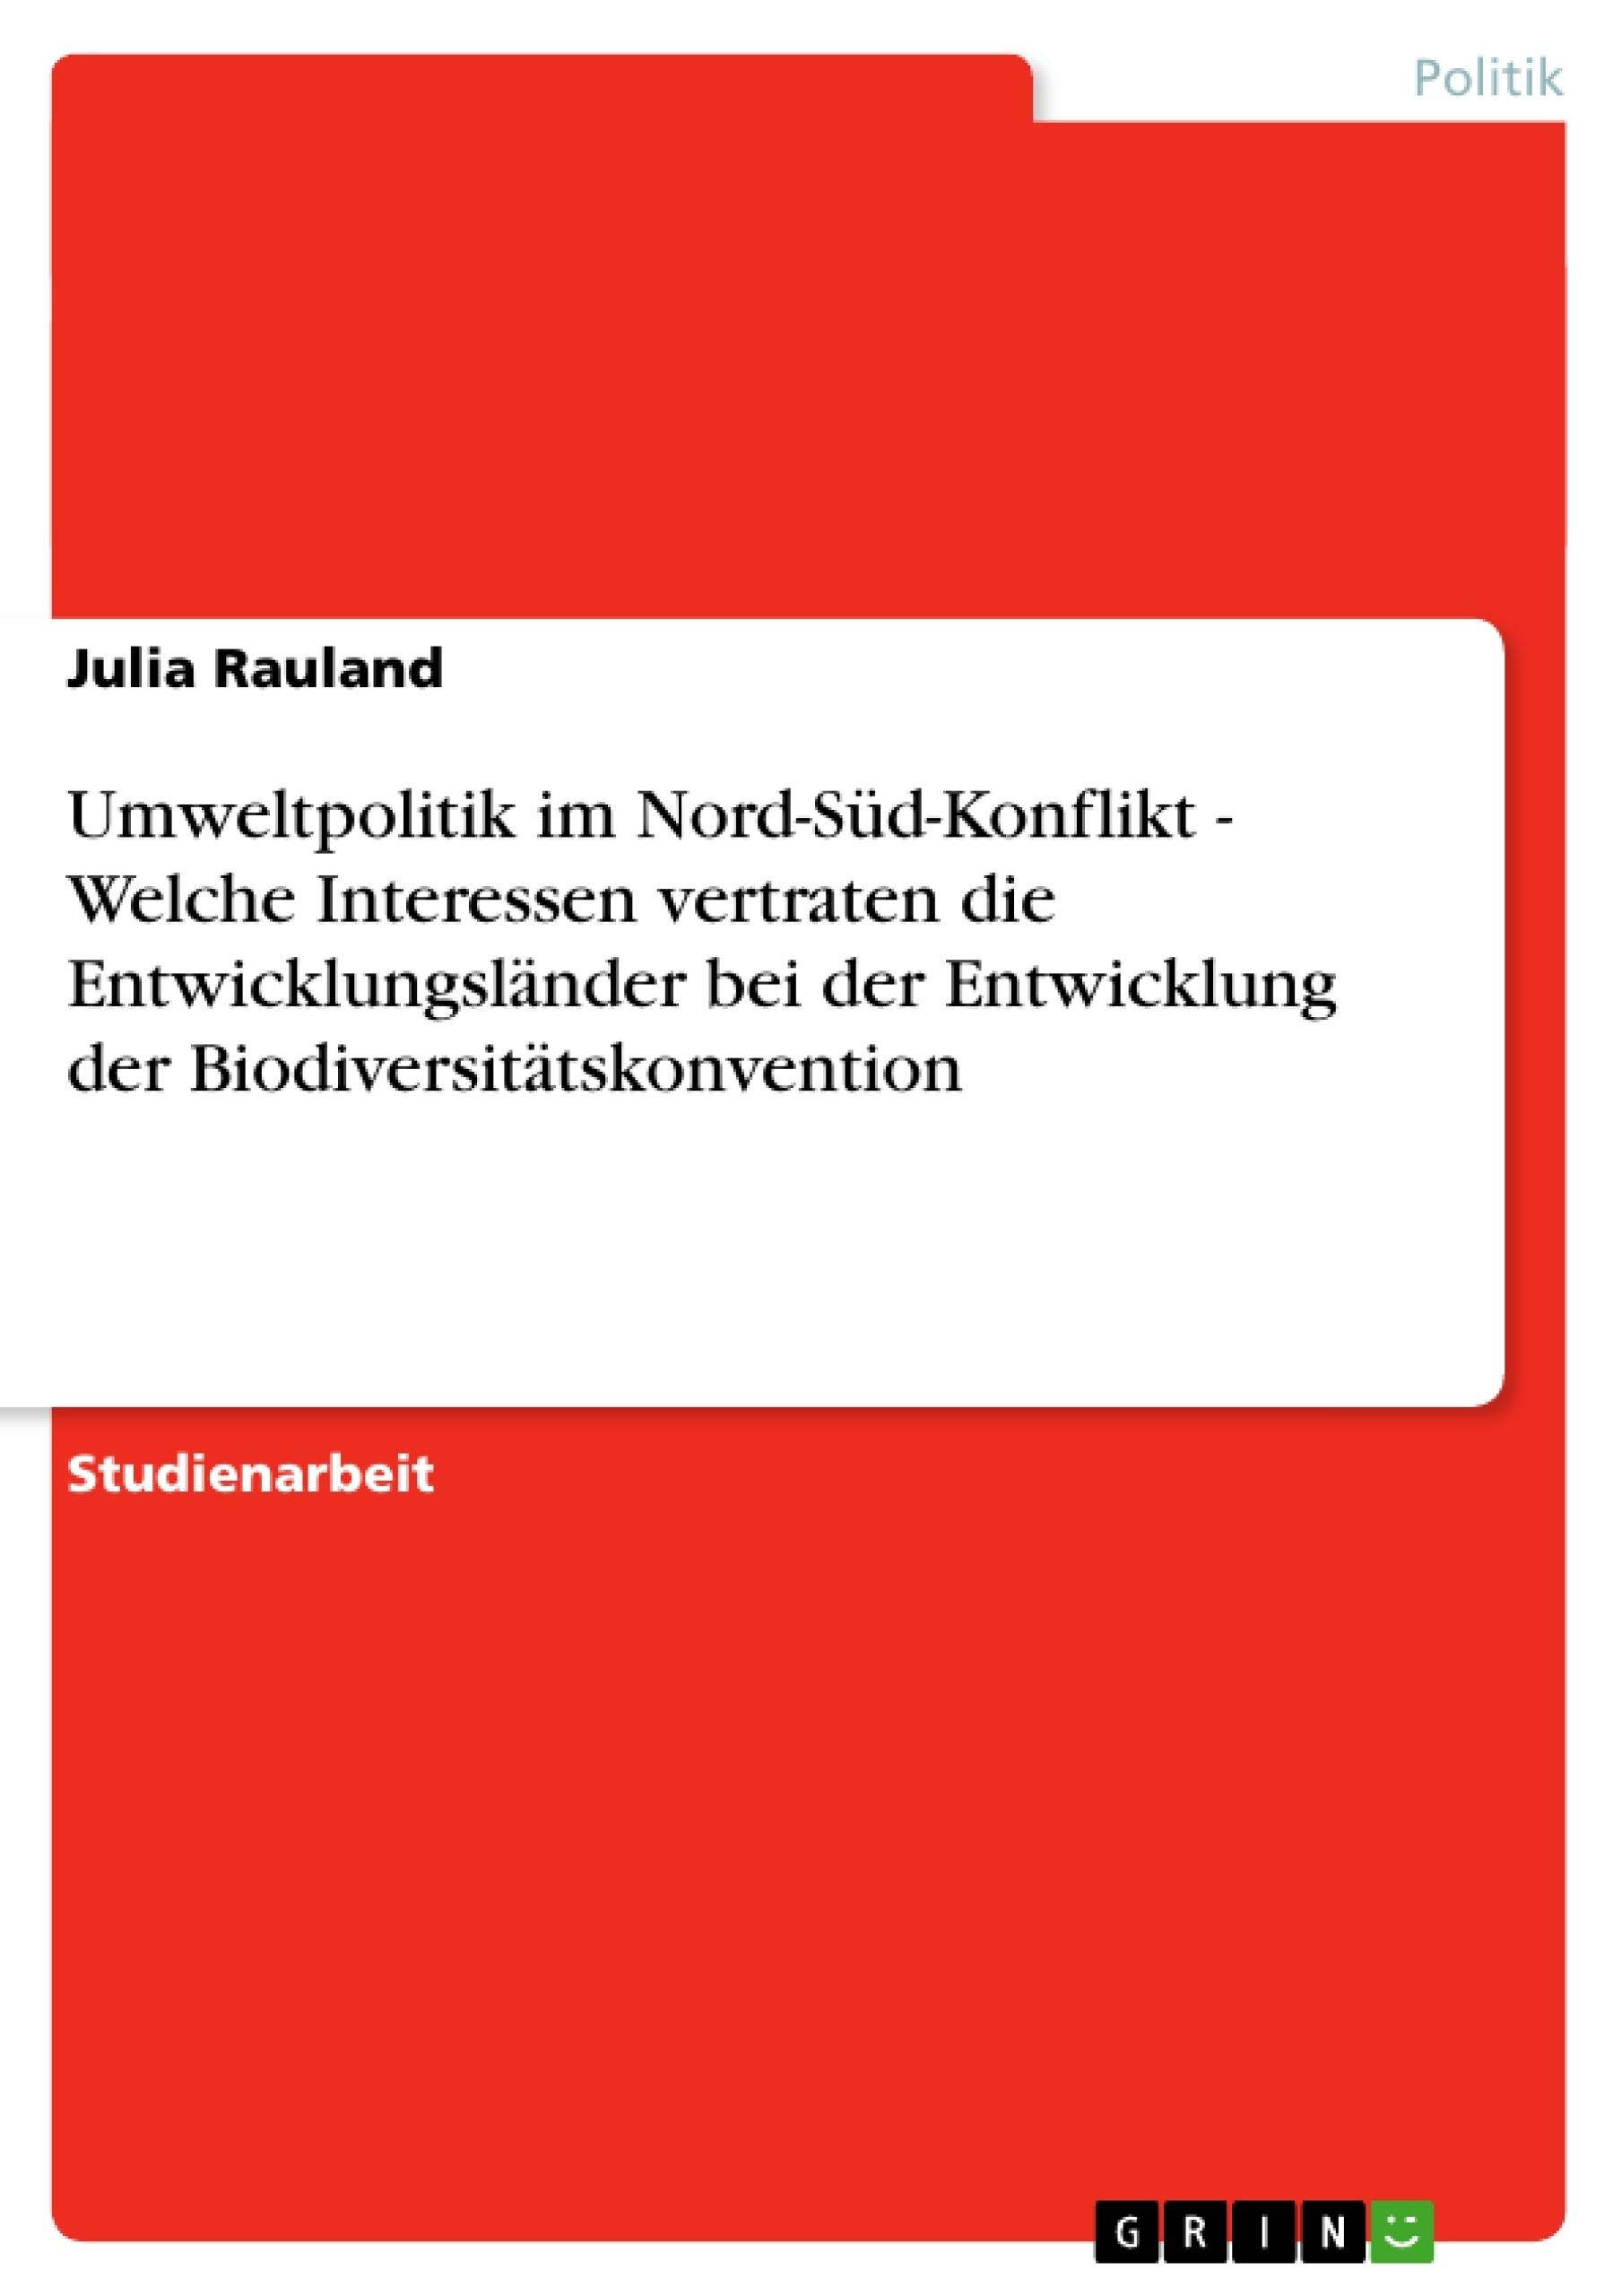 Titel: Umweltpolitik im Nord-Süd-Konflikt - Welche Interessen vertraten die Entwicklungsländer bei der Entwicklung der Biodiversitätskonvention